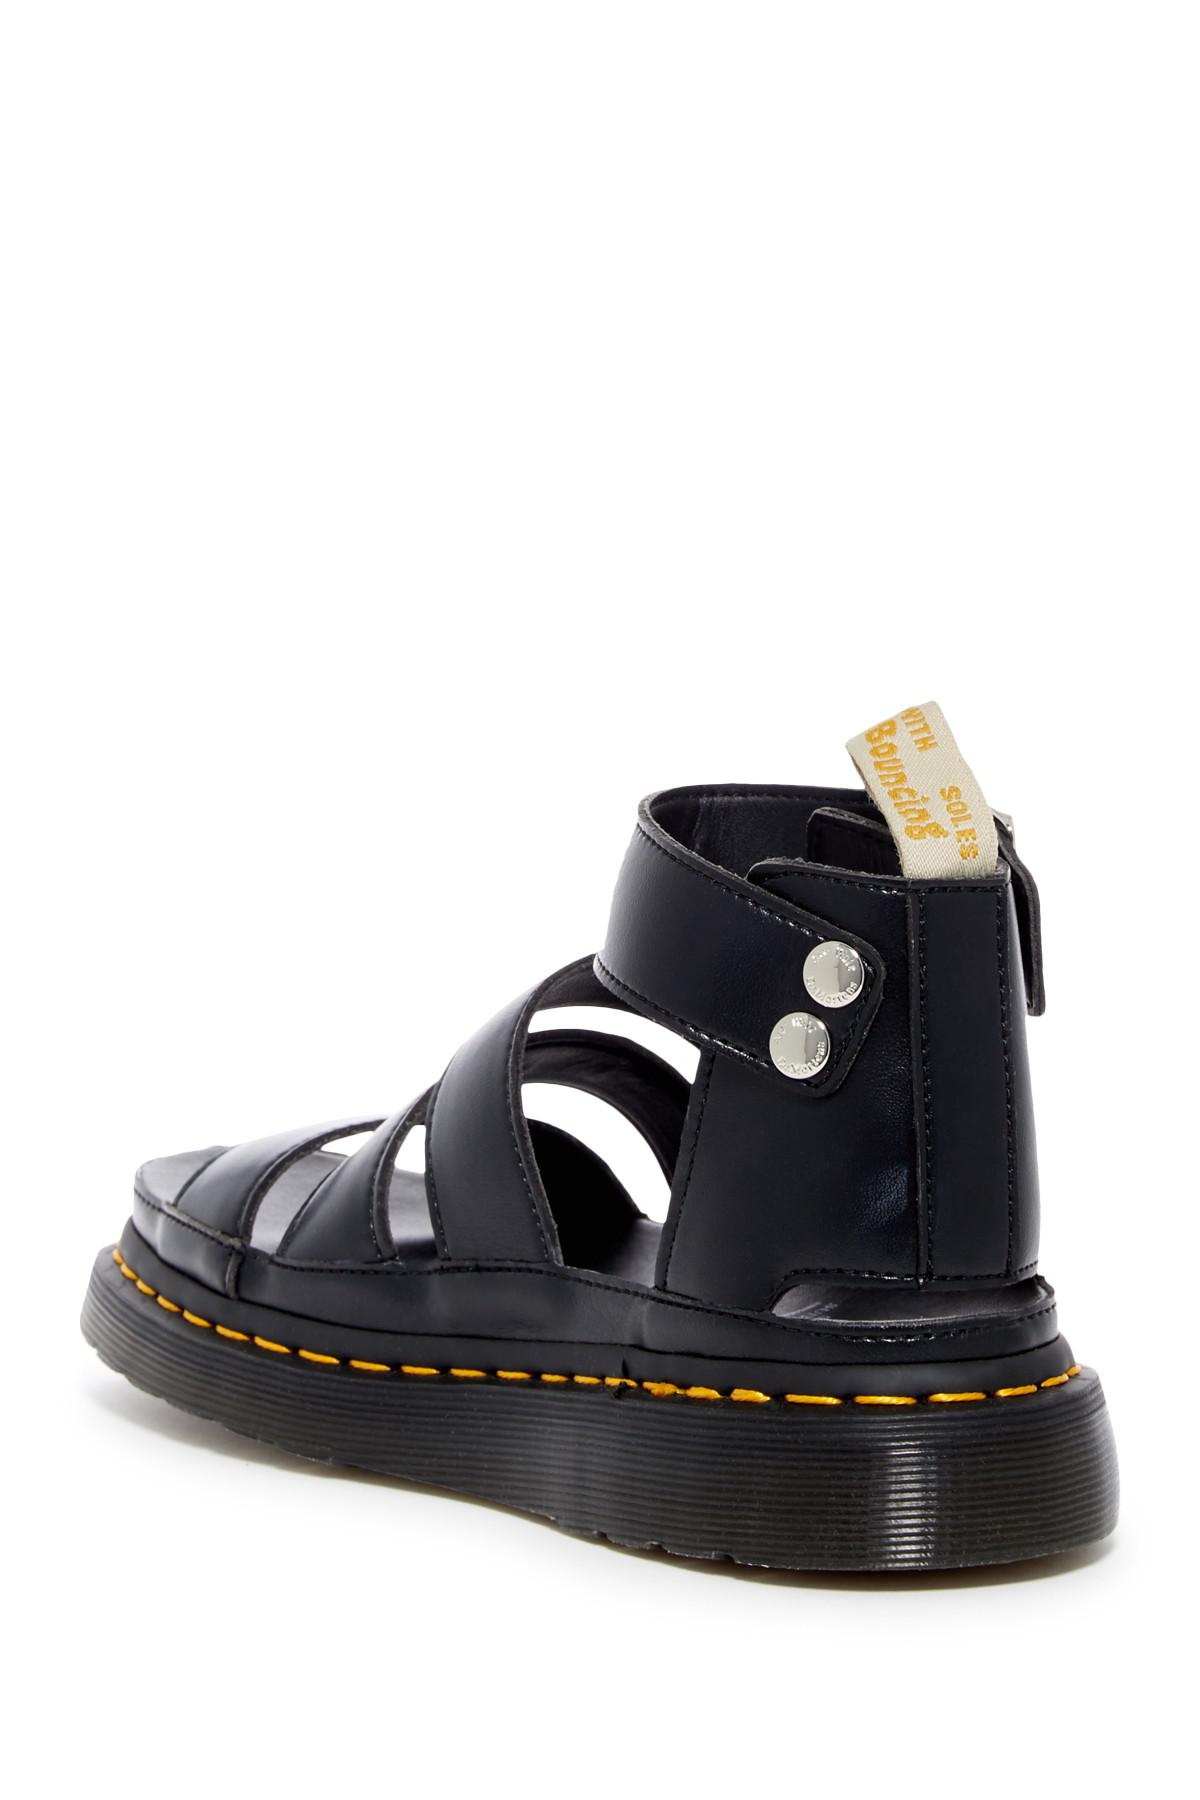 6bd19d234a Dr. Martens Clarissa Ii Black Platform Sandal in Black - Lyst